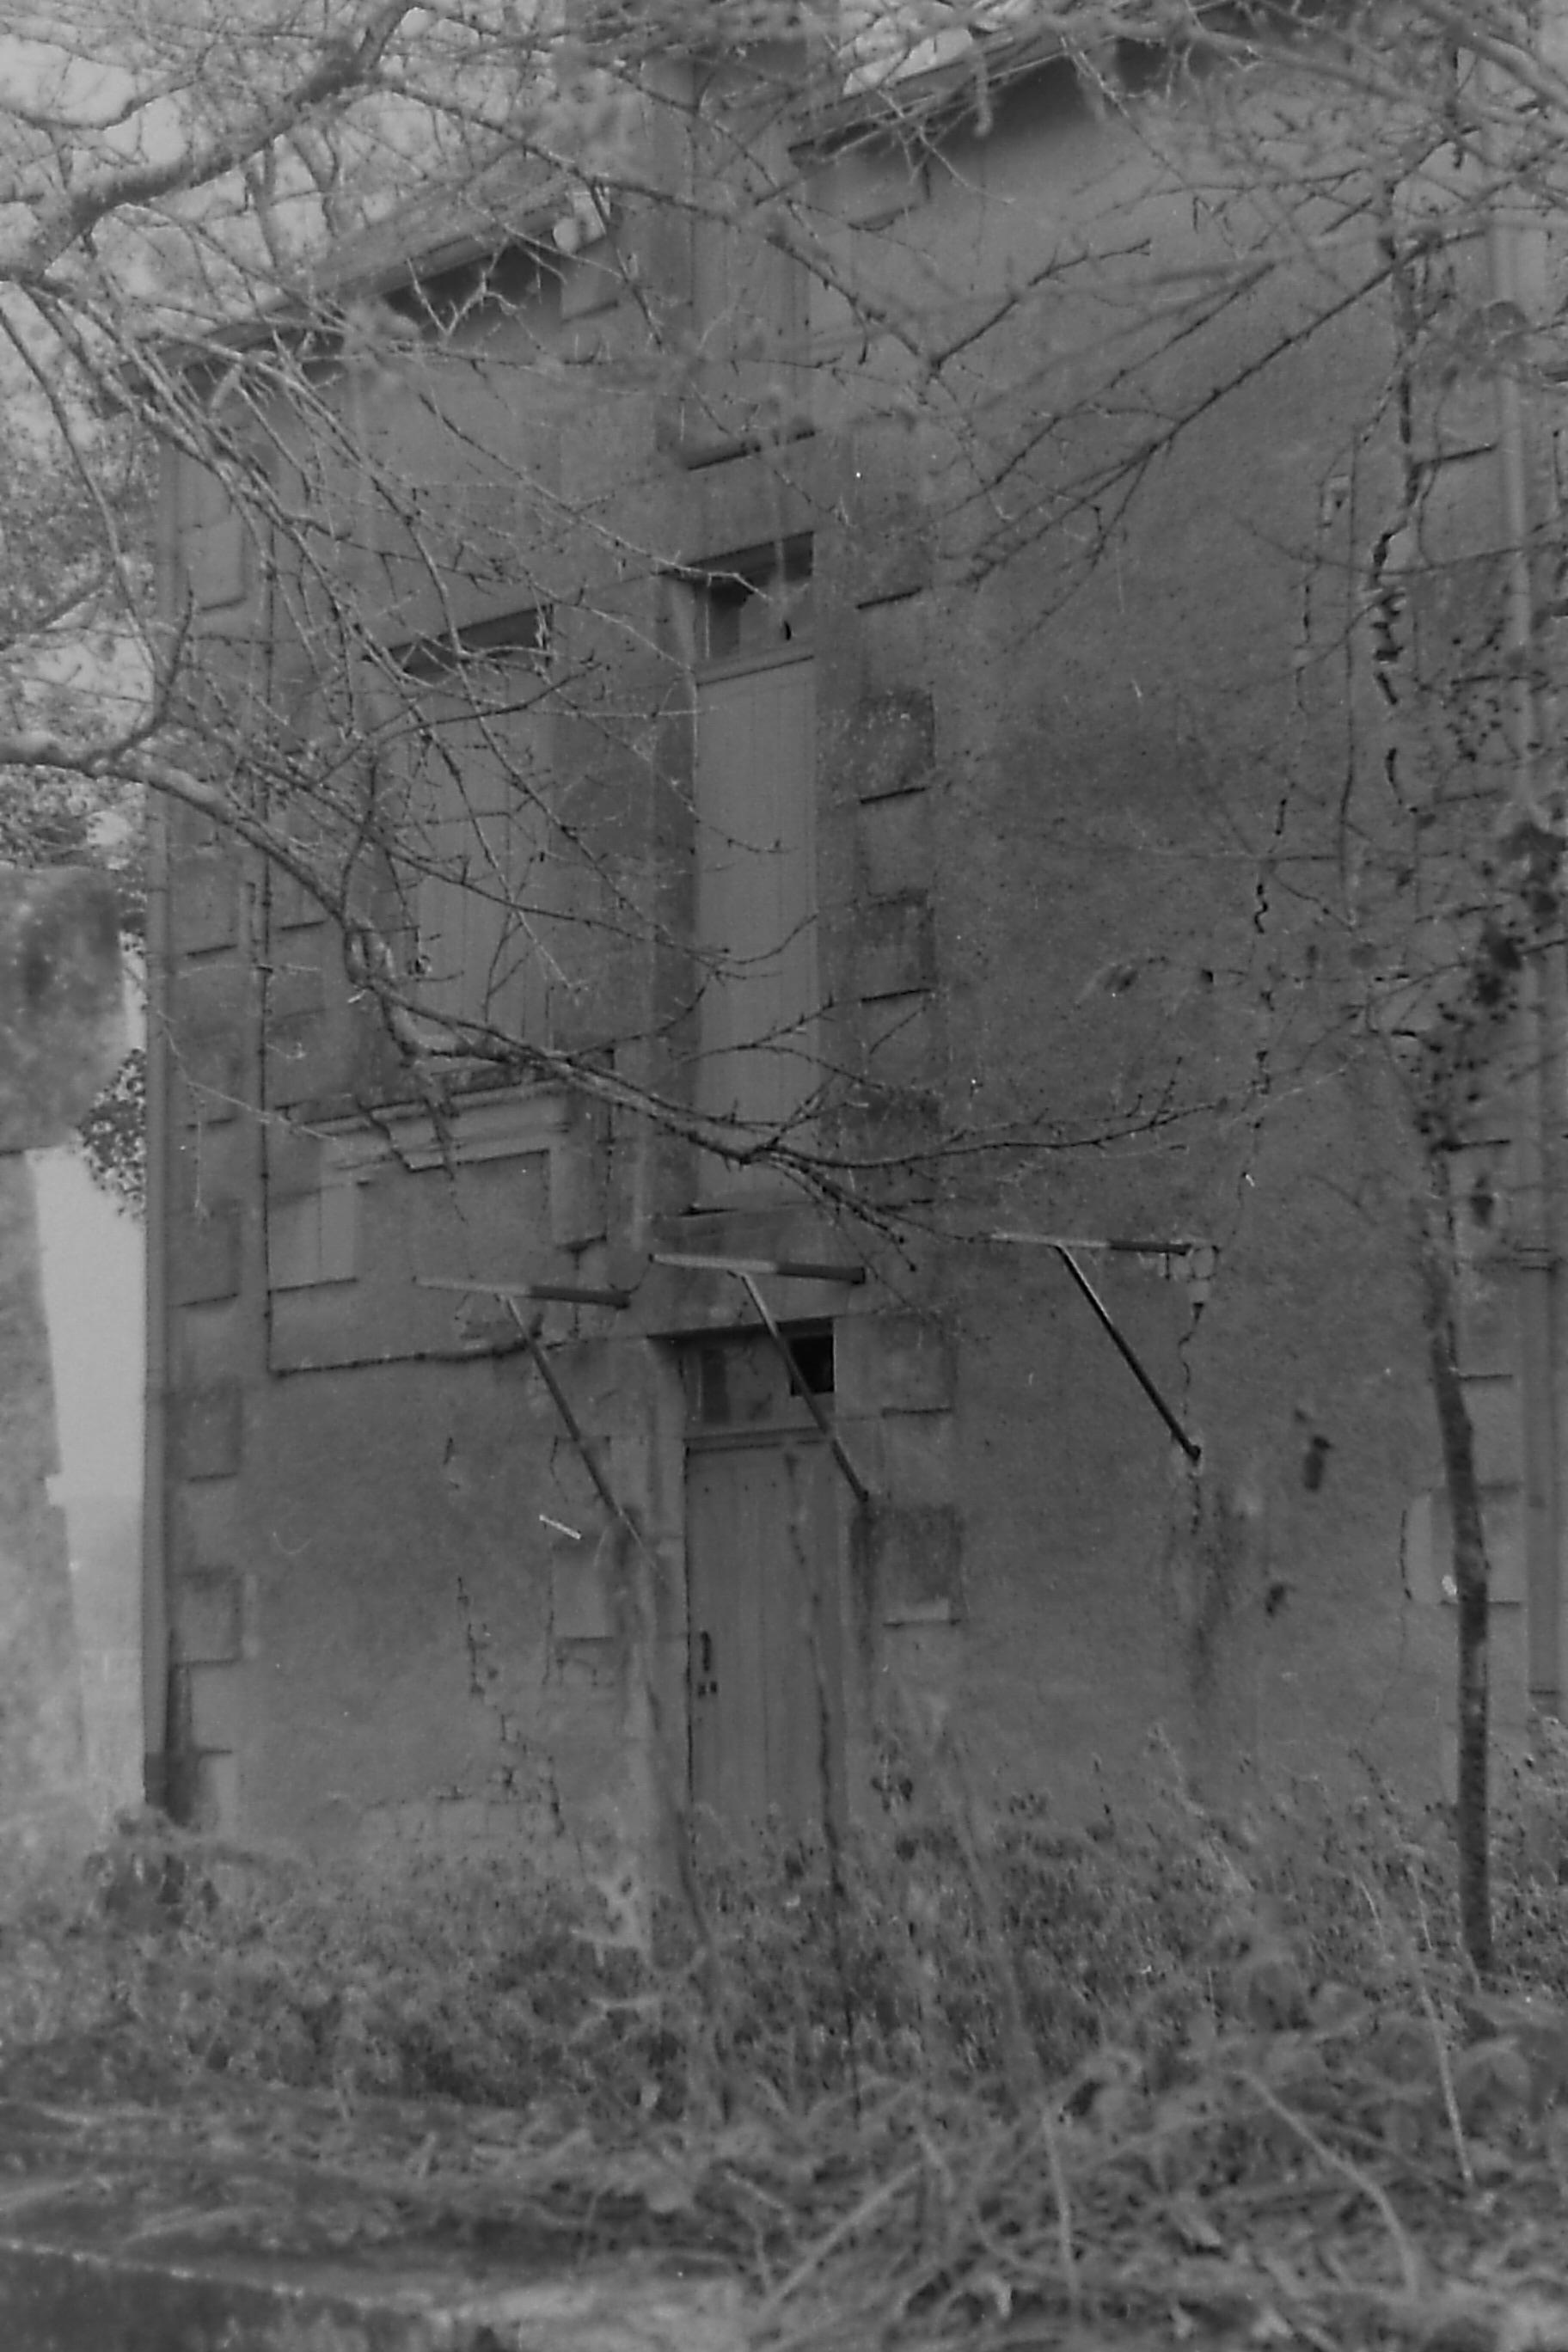 Vue de la maison du passeur prise en photo après la crue de 1996 par Jacques Sibileau